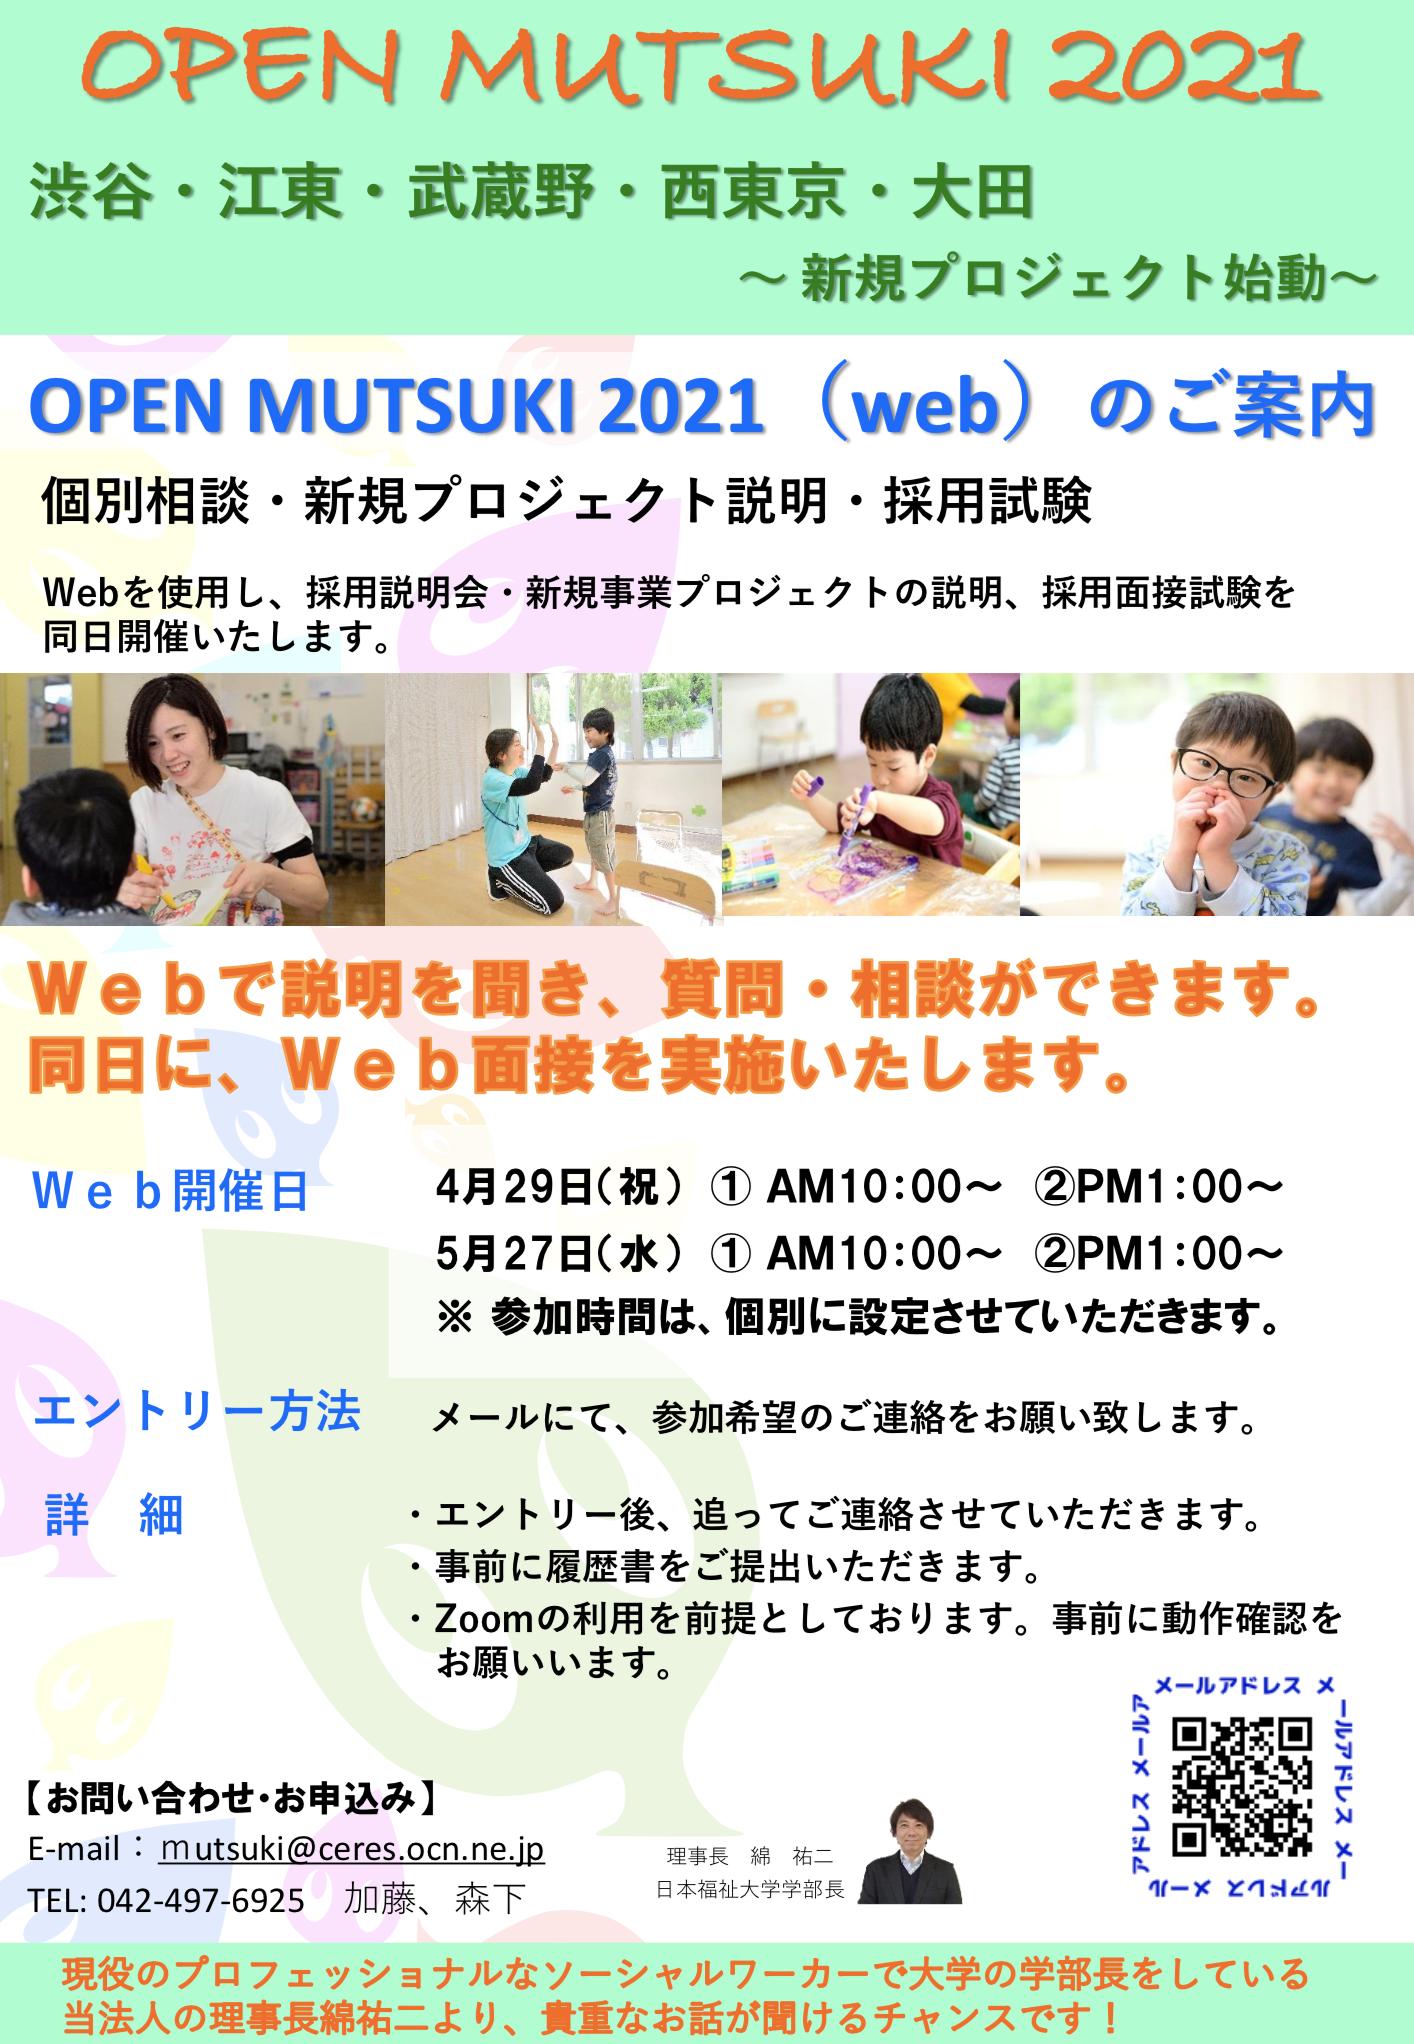 記事 5月27日(水)の【OPEN MUTSUKI 2021】はWebによる採用イベントです!!のアイキャッチ画像